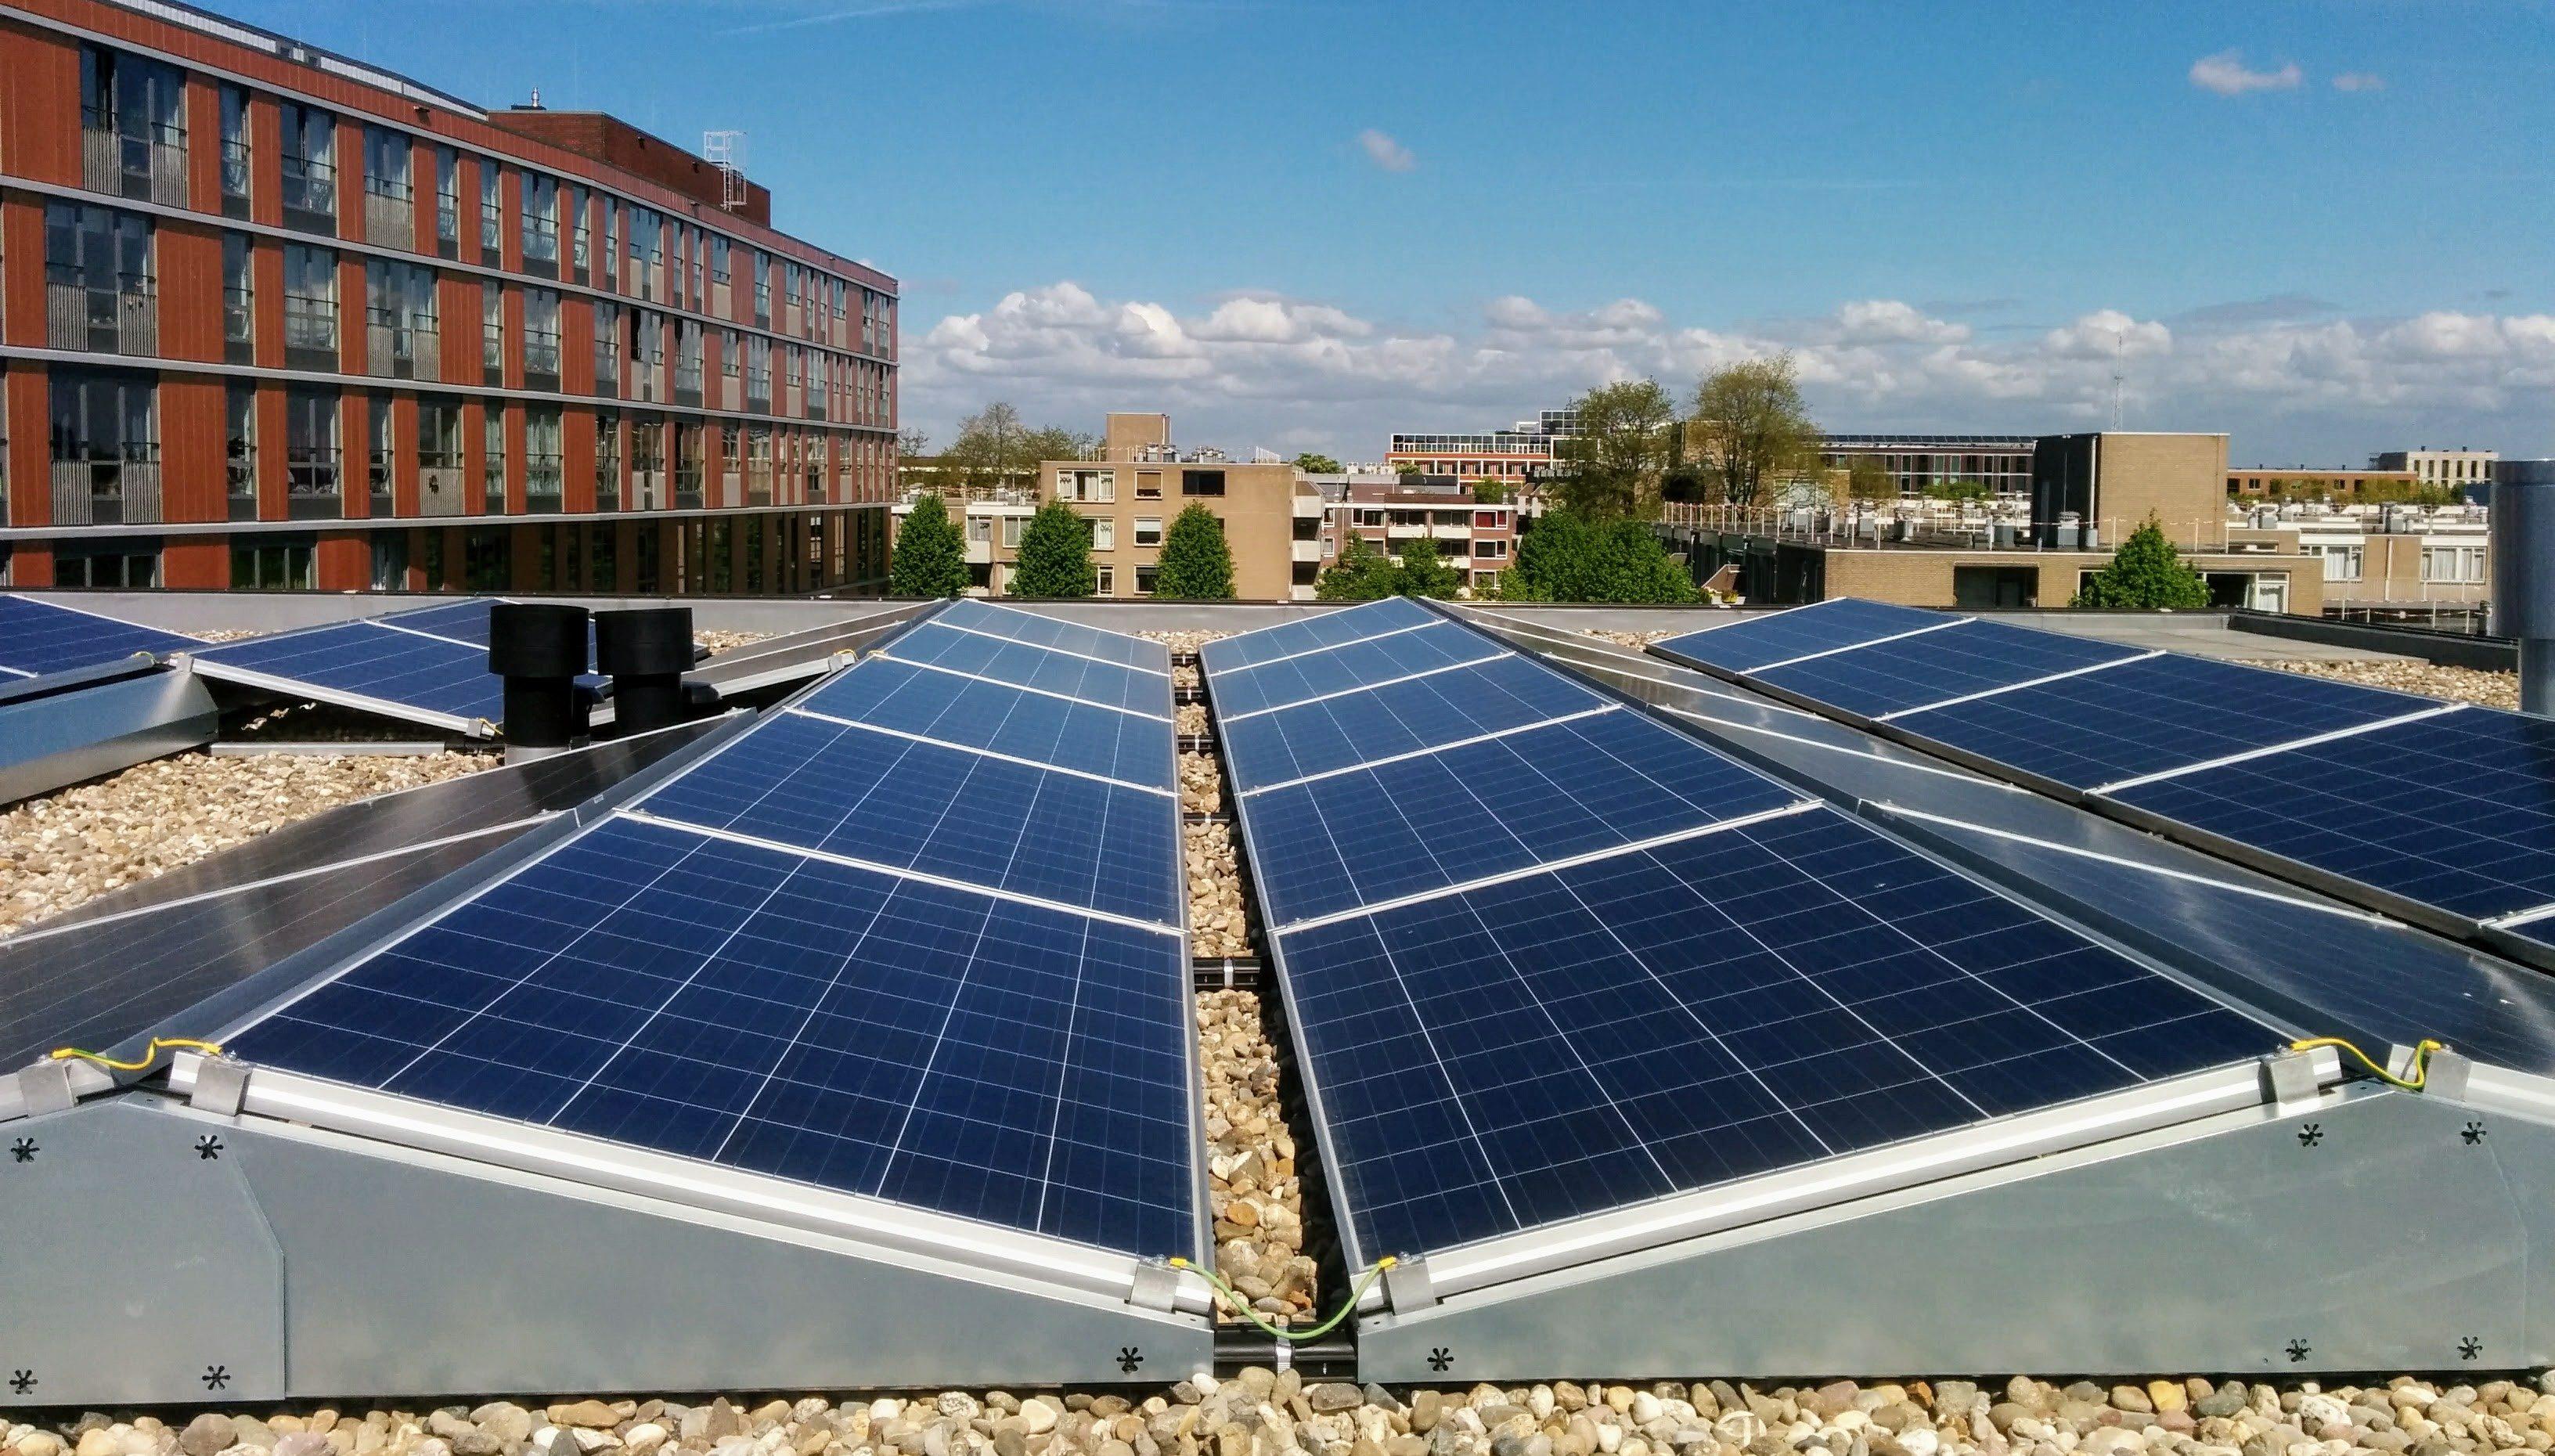 Zonnepanelen bij studentencomplex Donk - zekerheden van zonne-energie